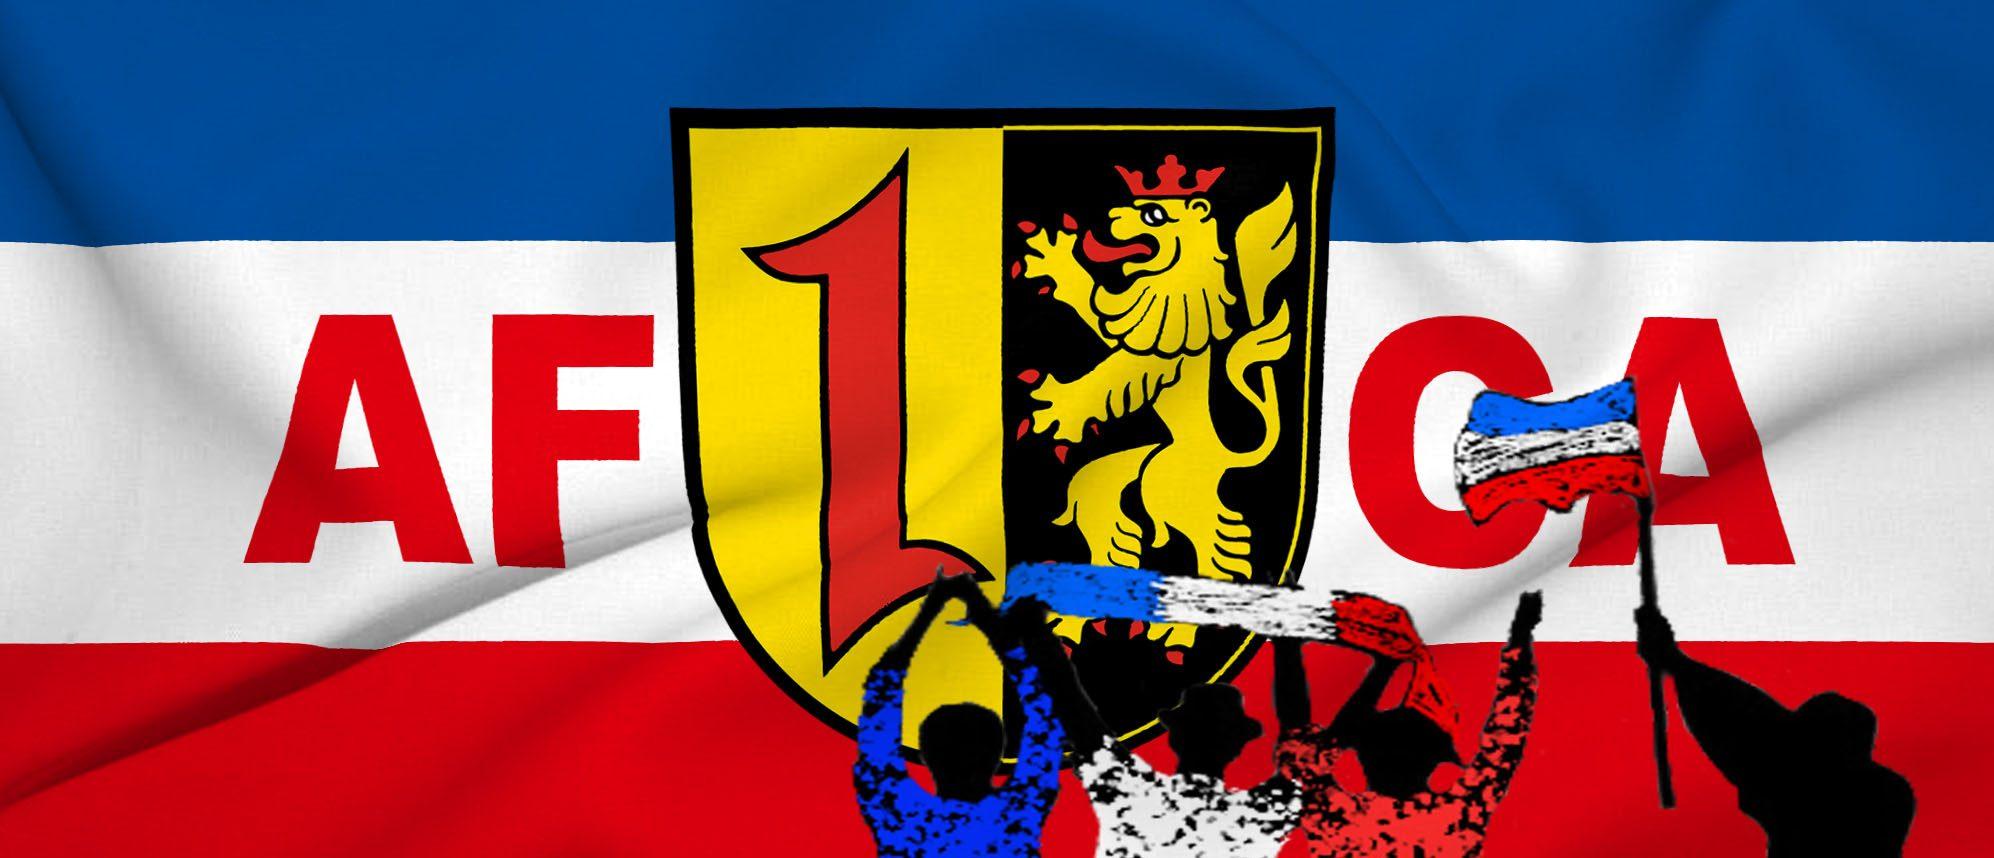 Adler Fanclubs Aktiv